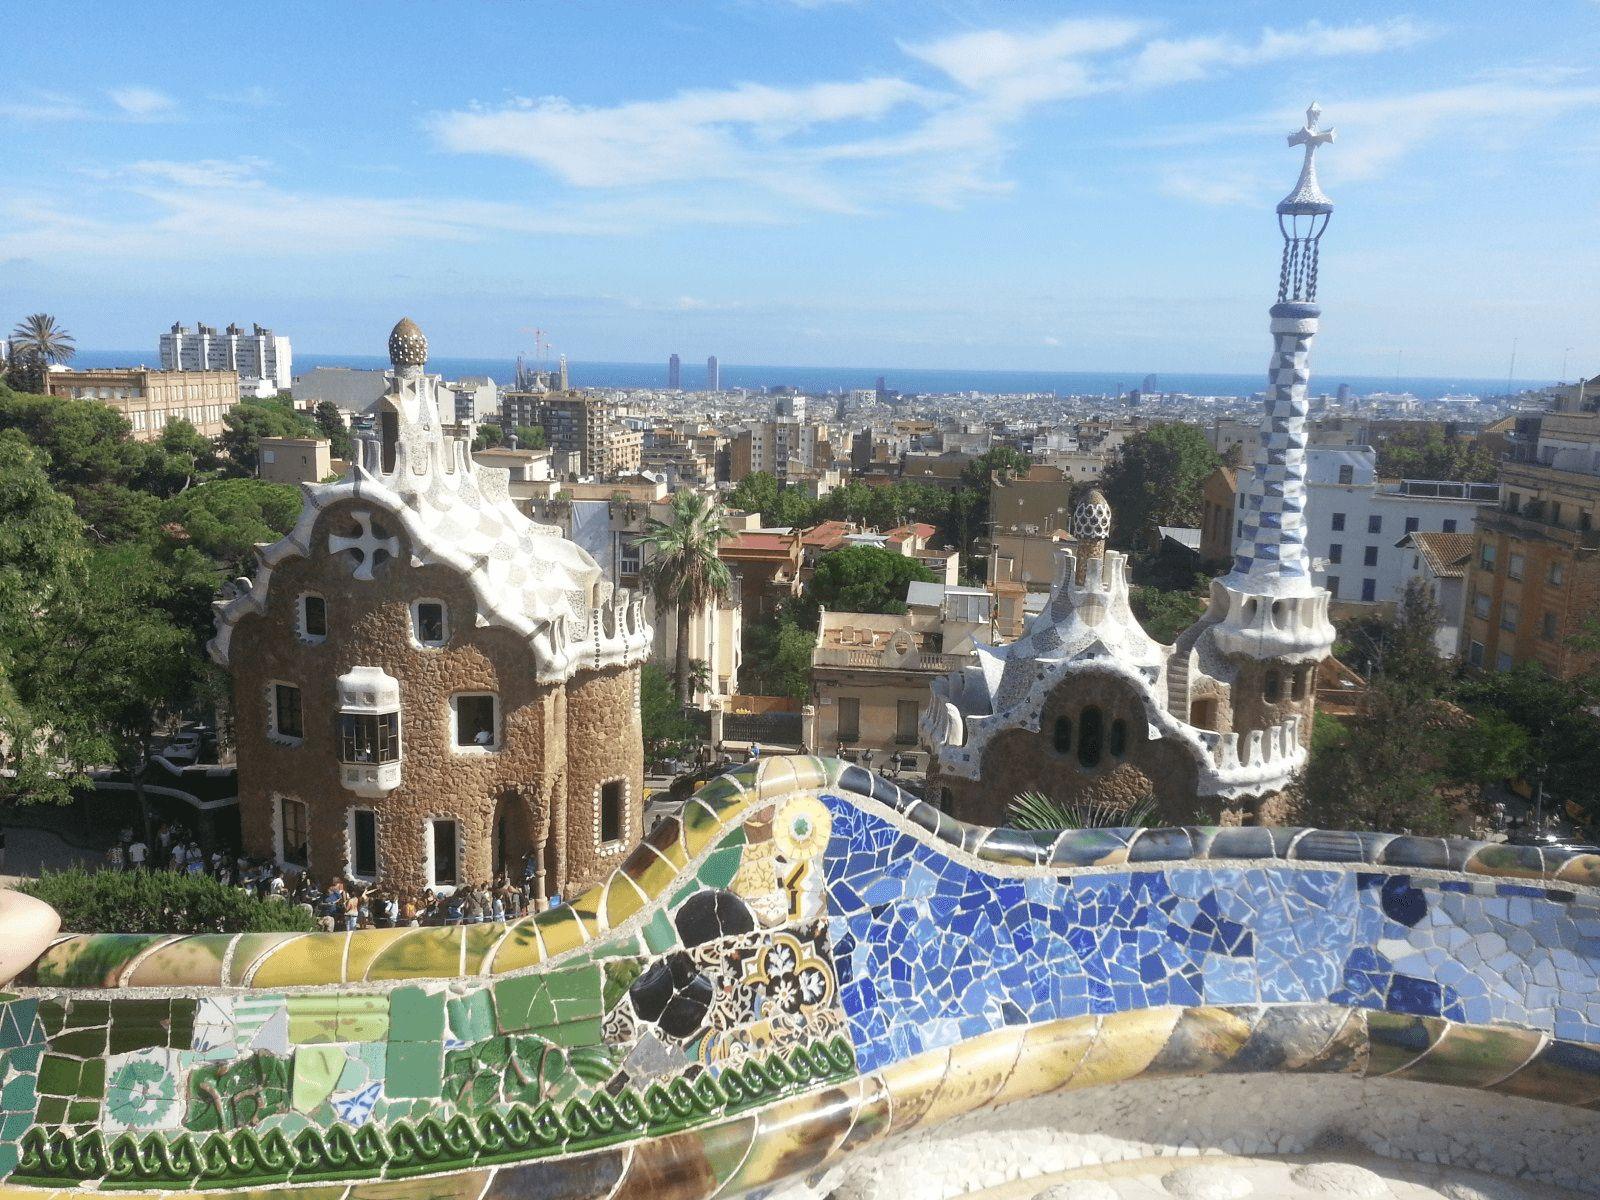 Španjolska i Gardaland: Barcelona: Park Guell